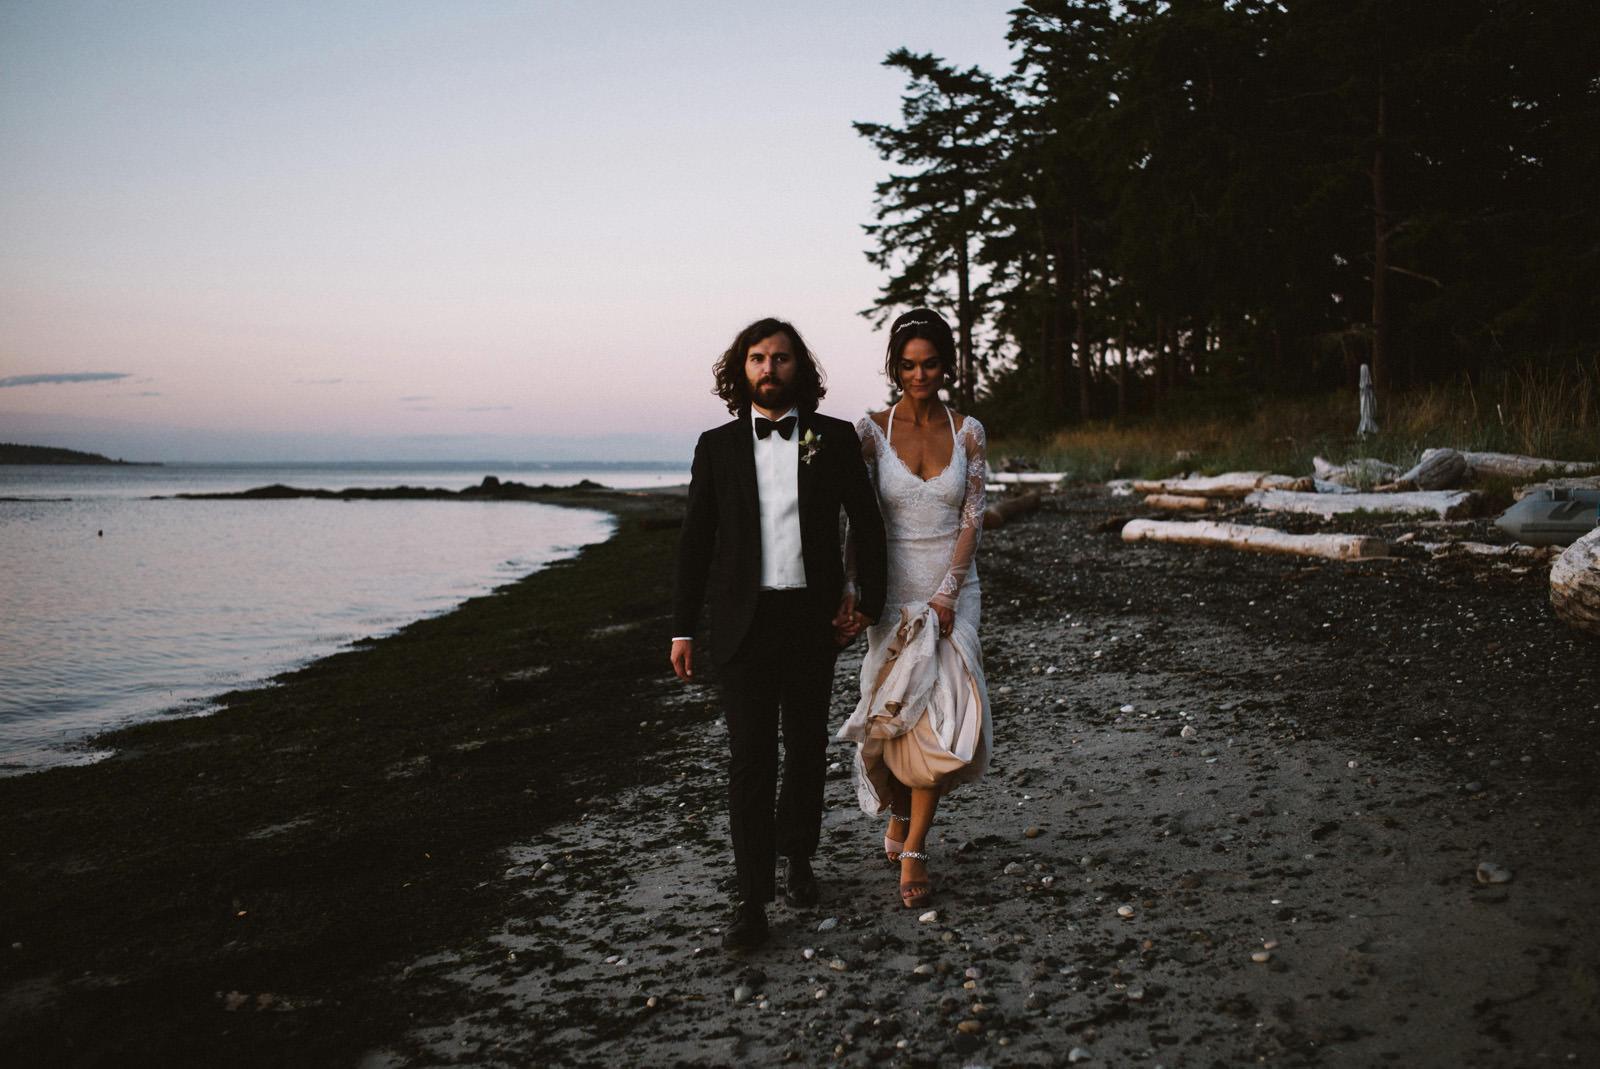 kaityjeff-blog-141 ORCAS ISLAND WEDDING